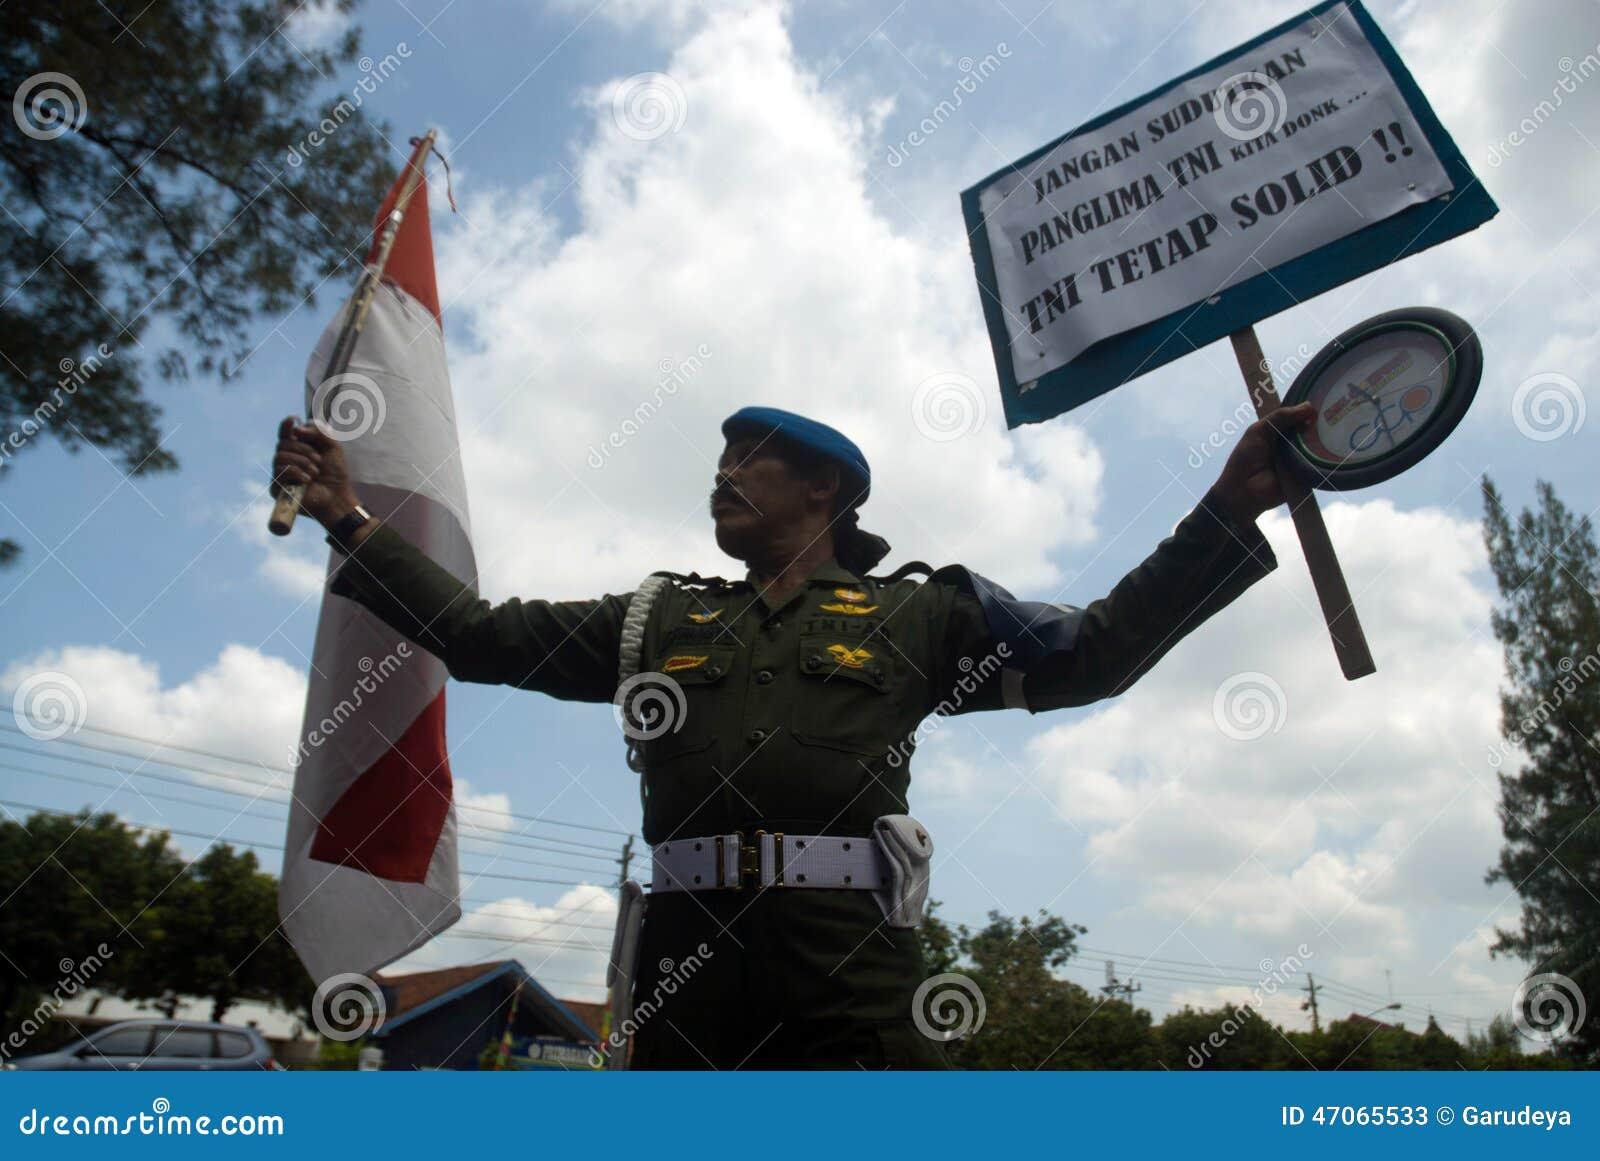 INDONESIA TNI PROFESSIONALISM